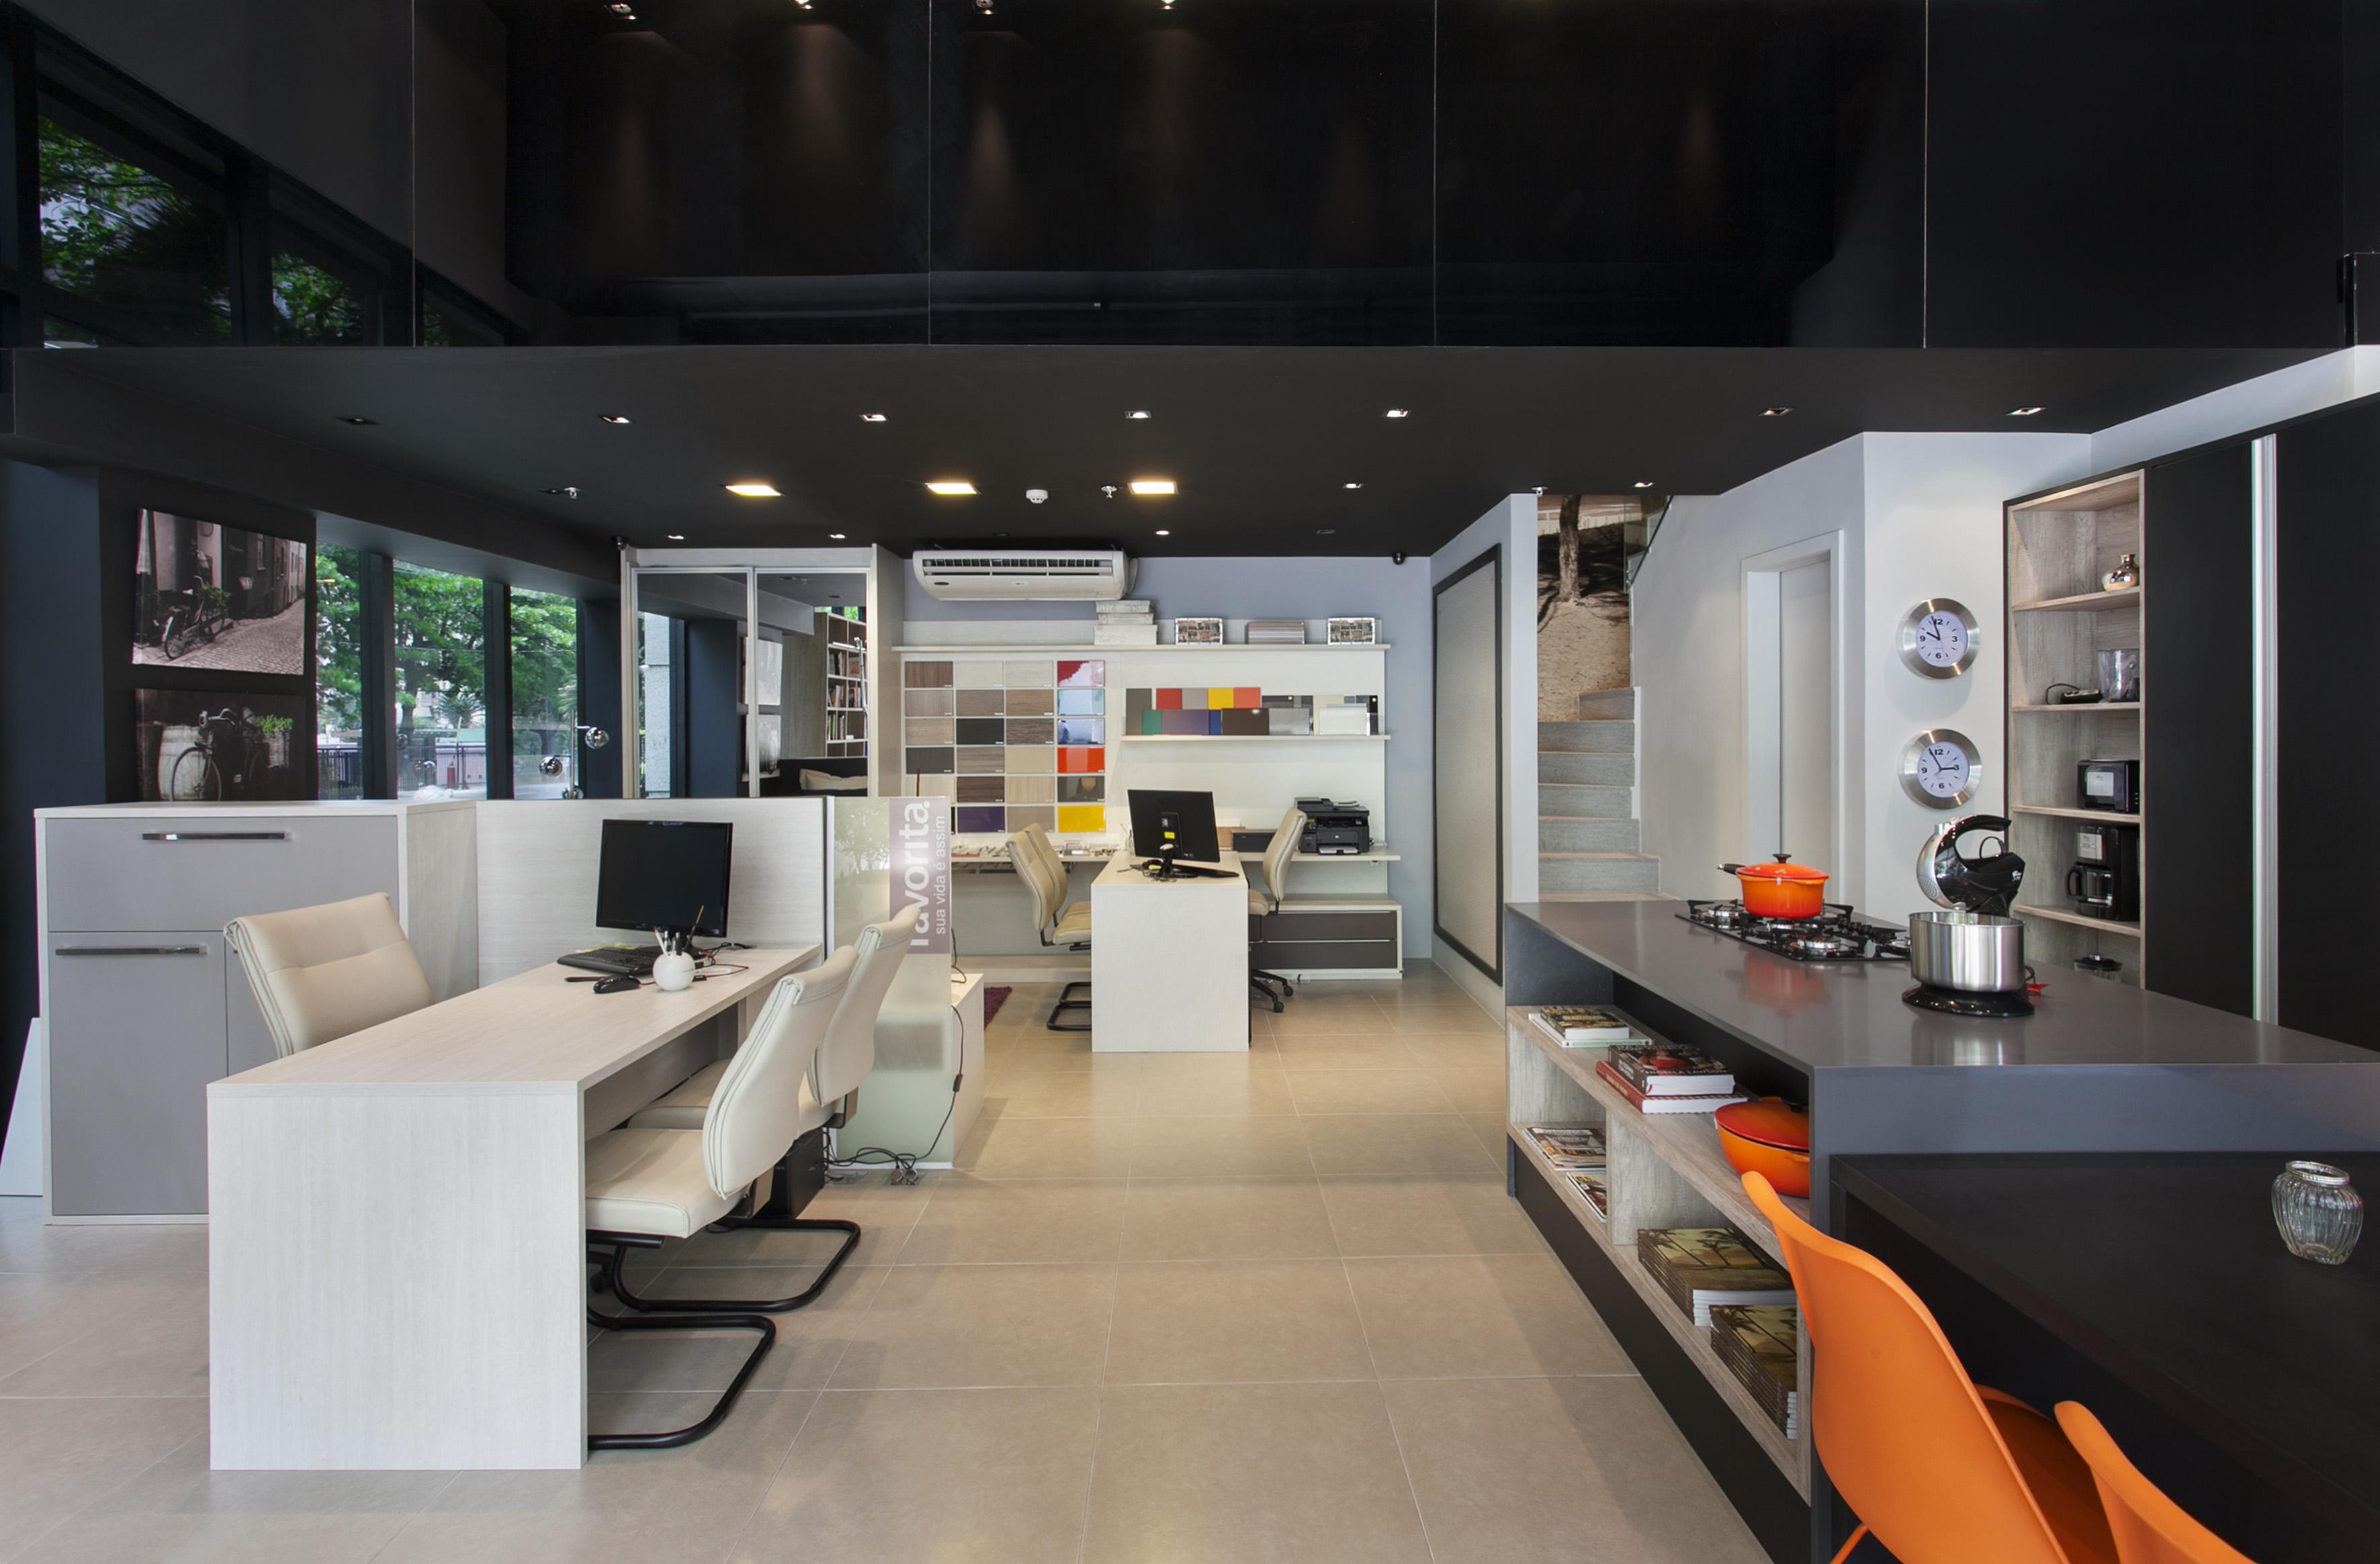 na nova loja de uma grife de móveis planejados no Rio de Janeiro #A95622 3543x2329